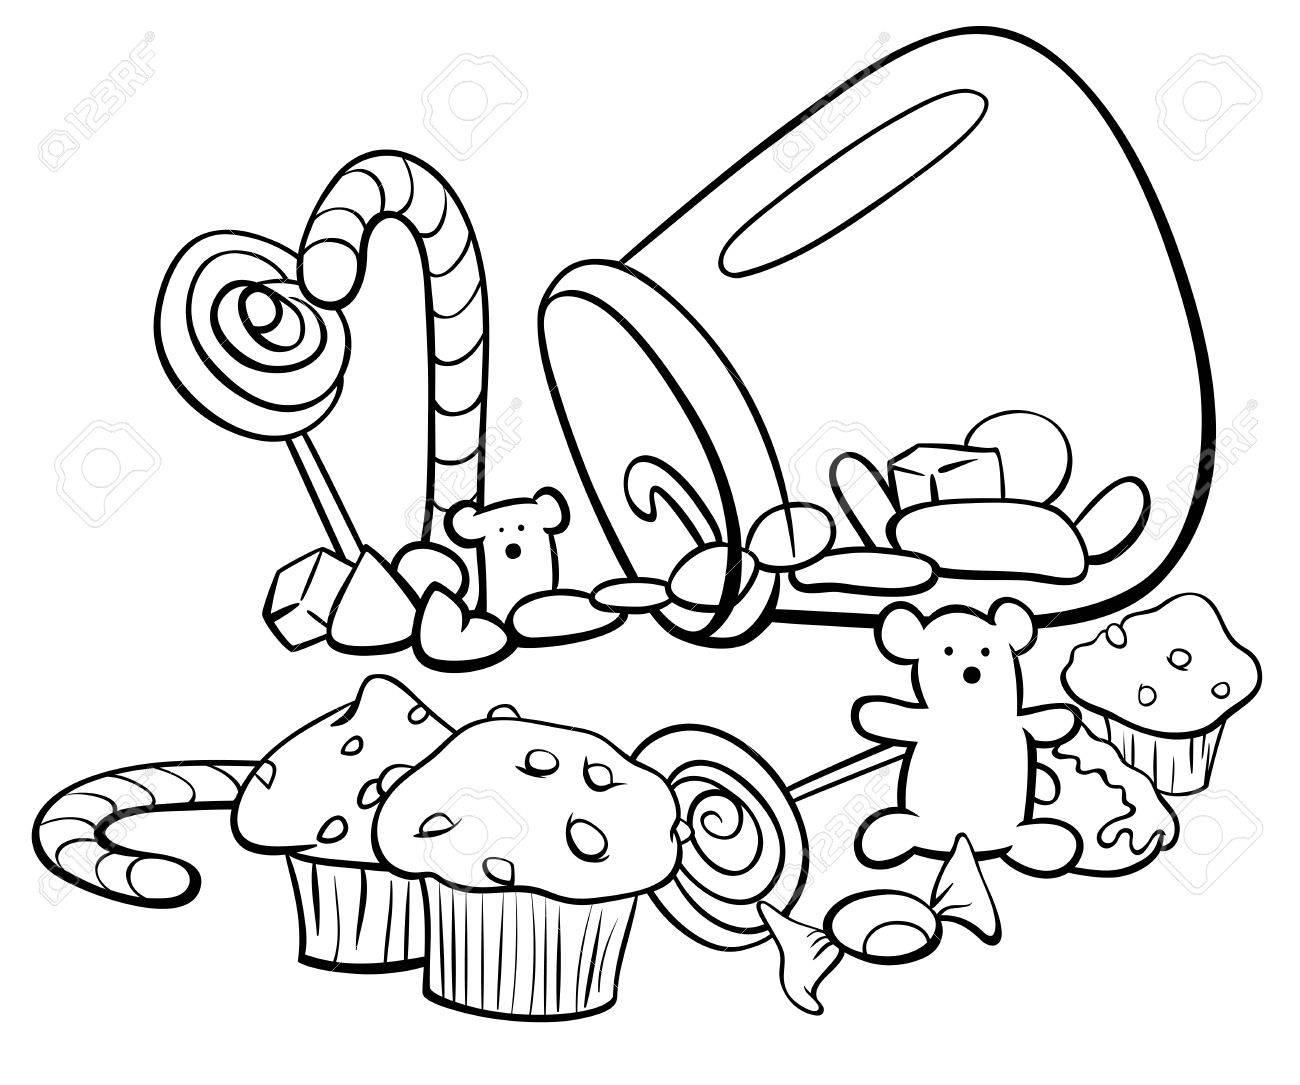 黒と白漫画キャンディやケーキ塗り絵のような甘い食べ物のイラストの